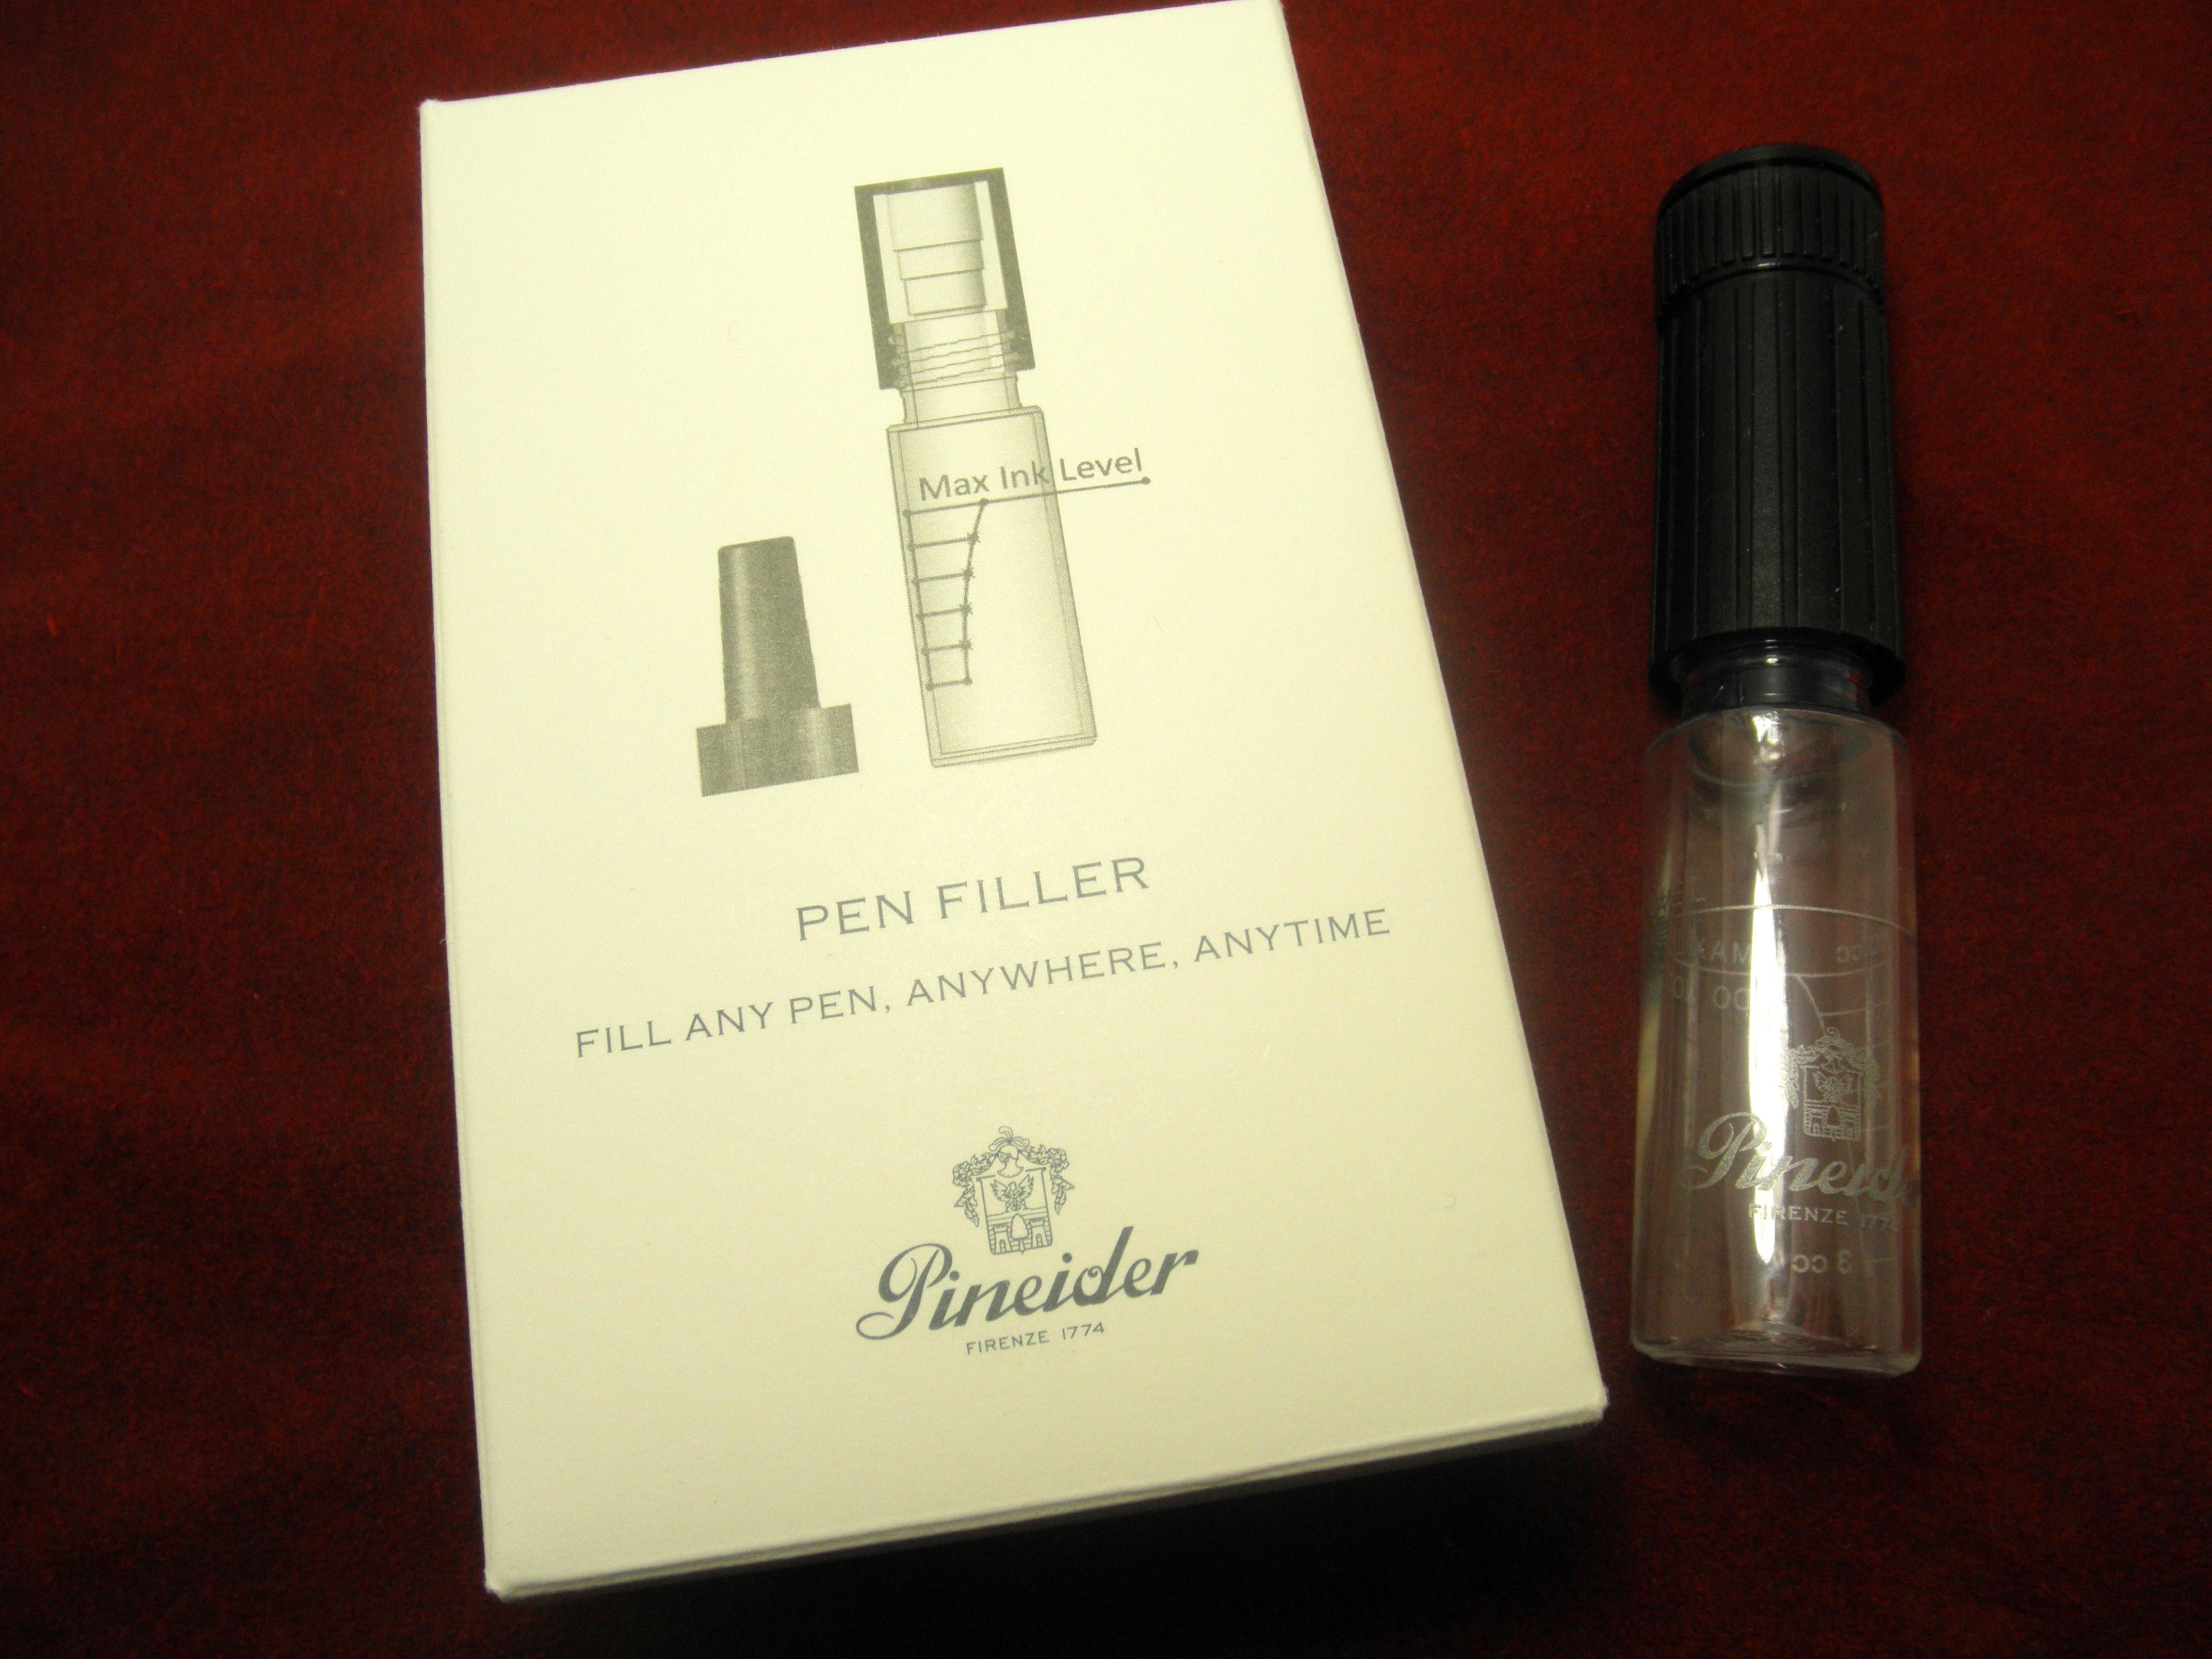 Pineider Pen Filler